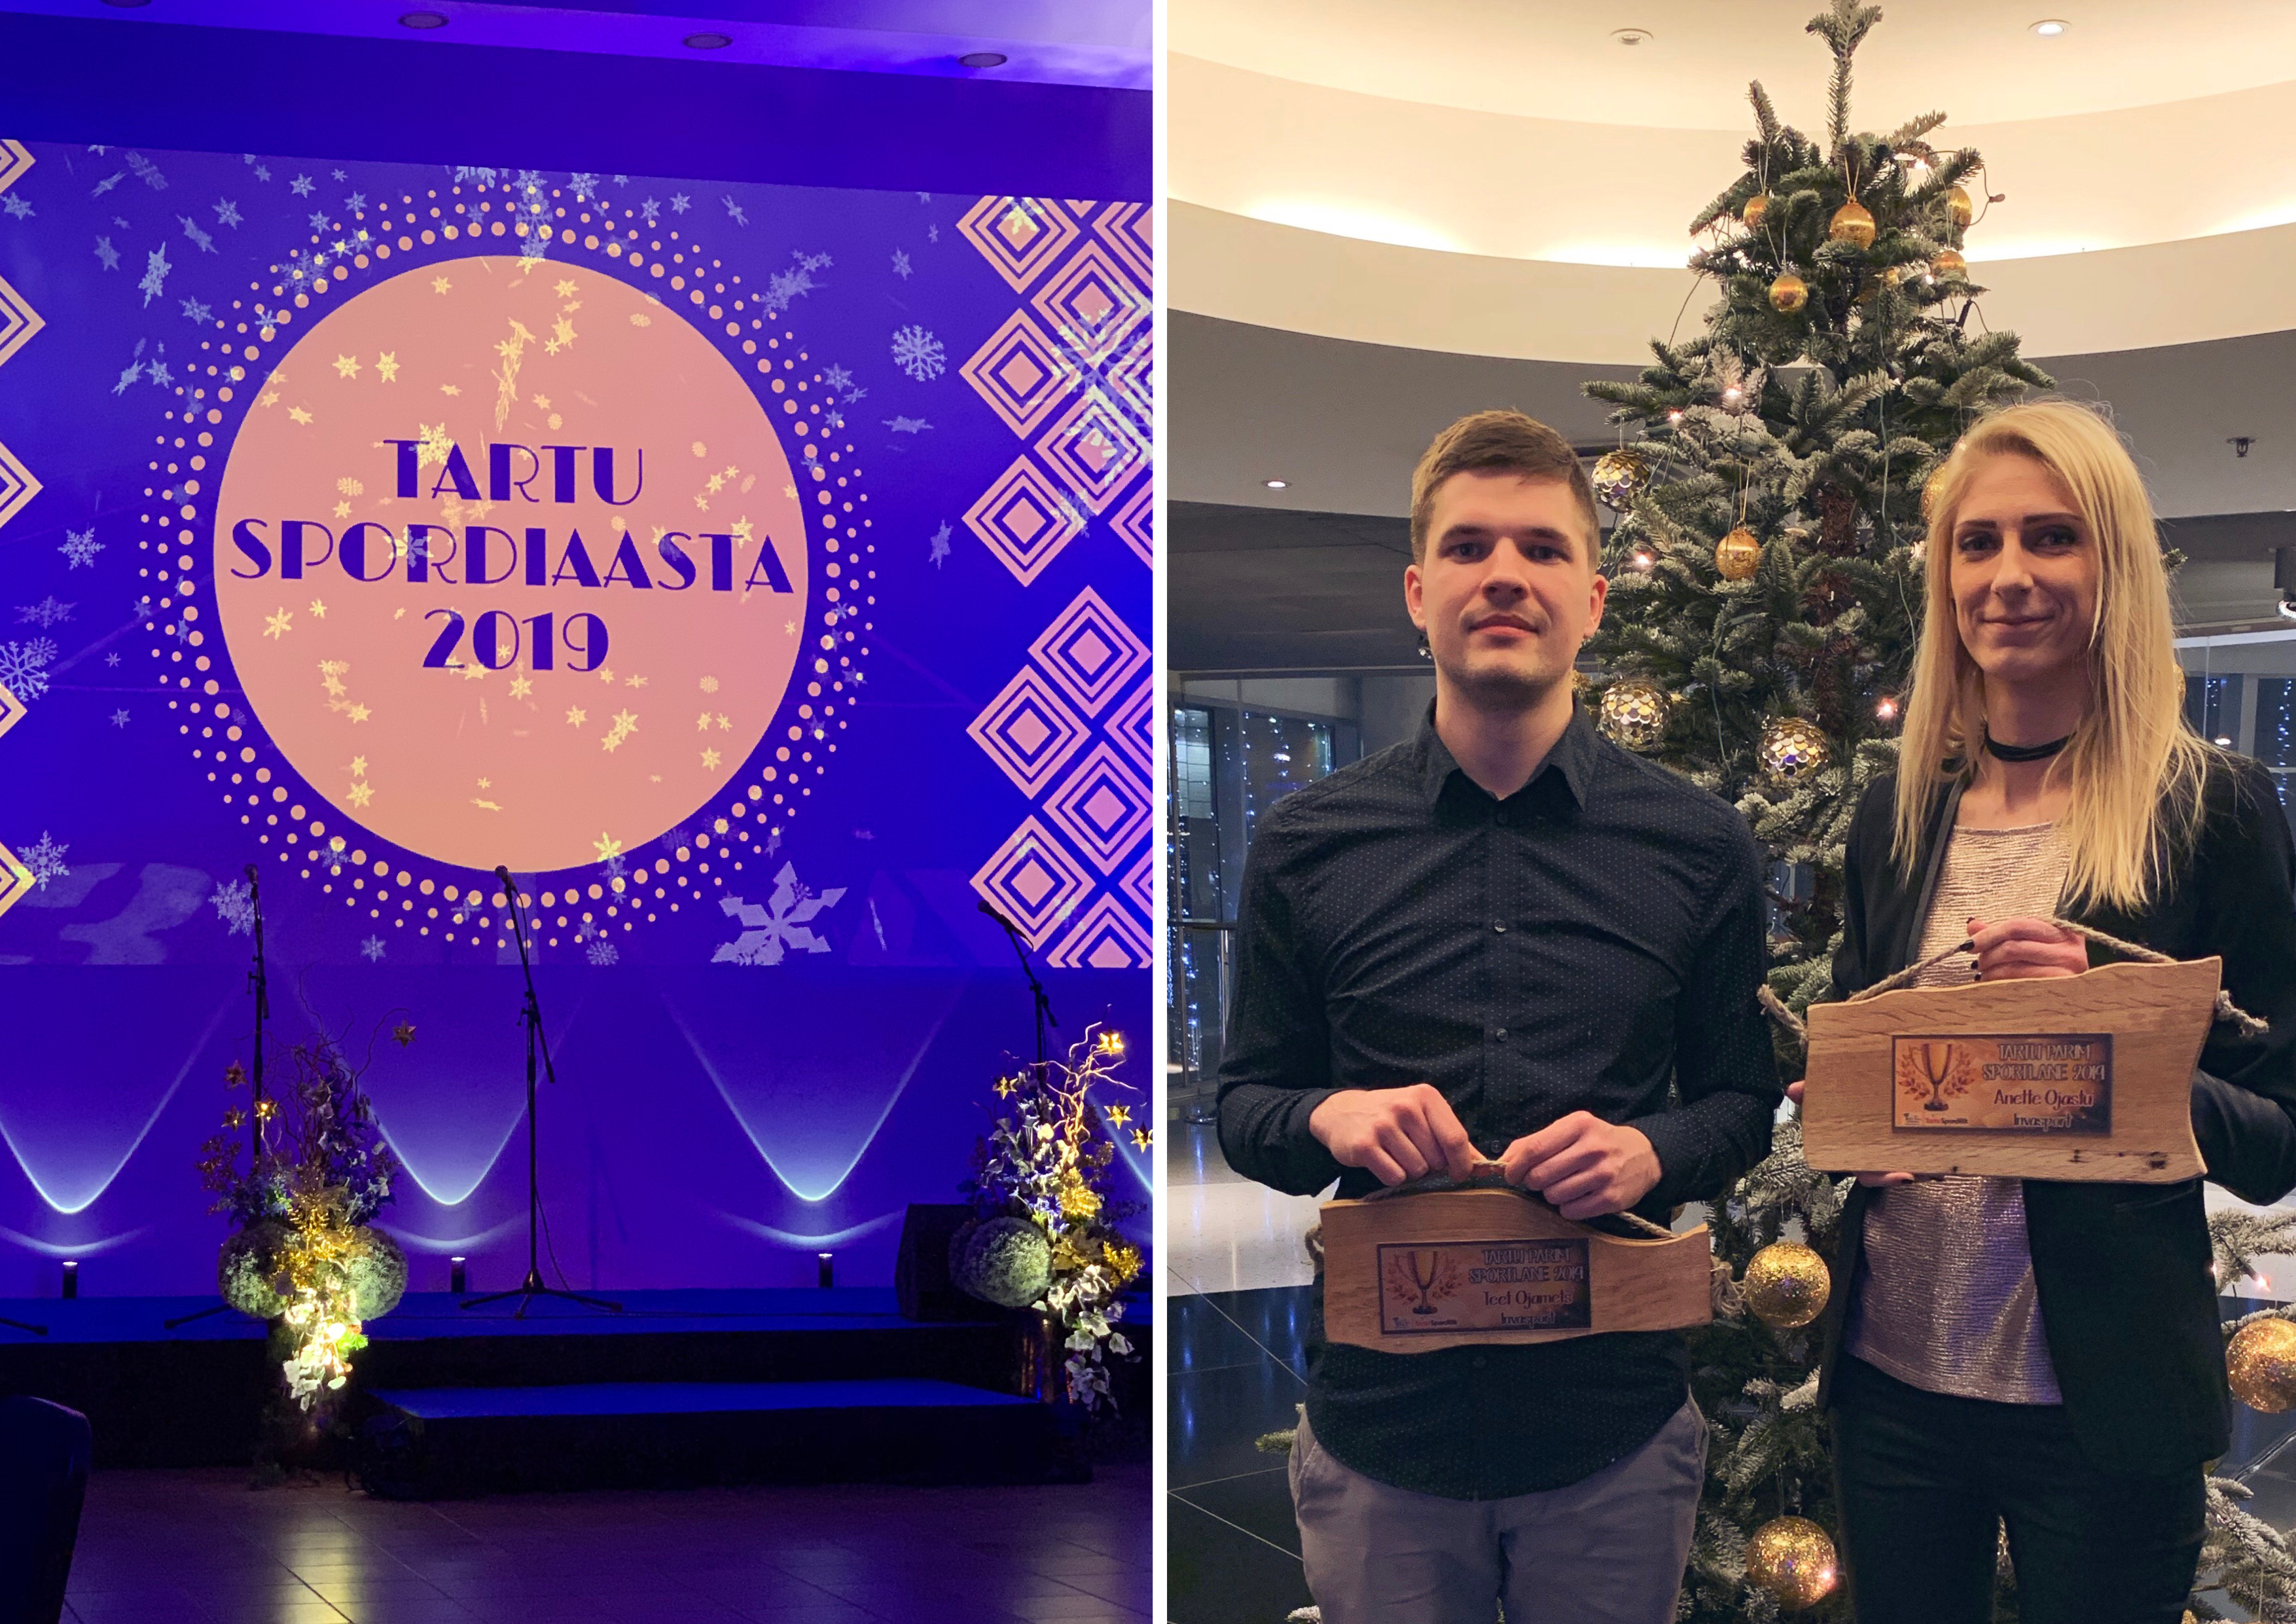 Tartu spordiaasta 2019 pidulik lõpetamine Dorpat Konveretsikeskuses